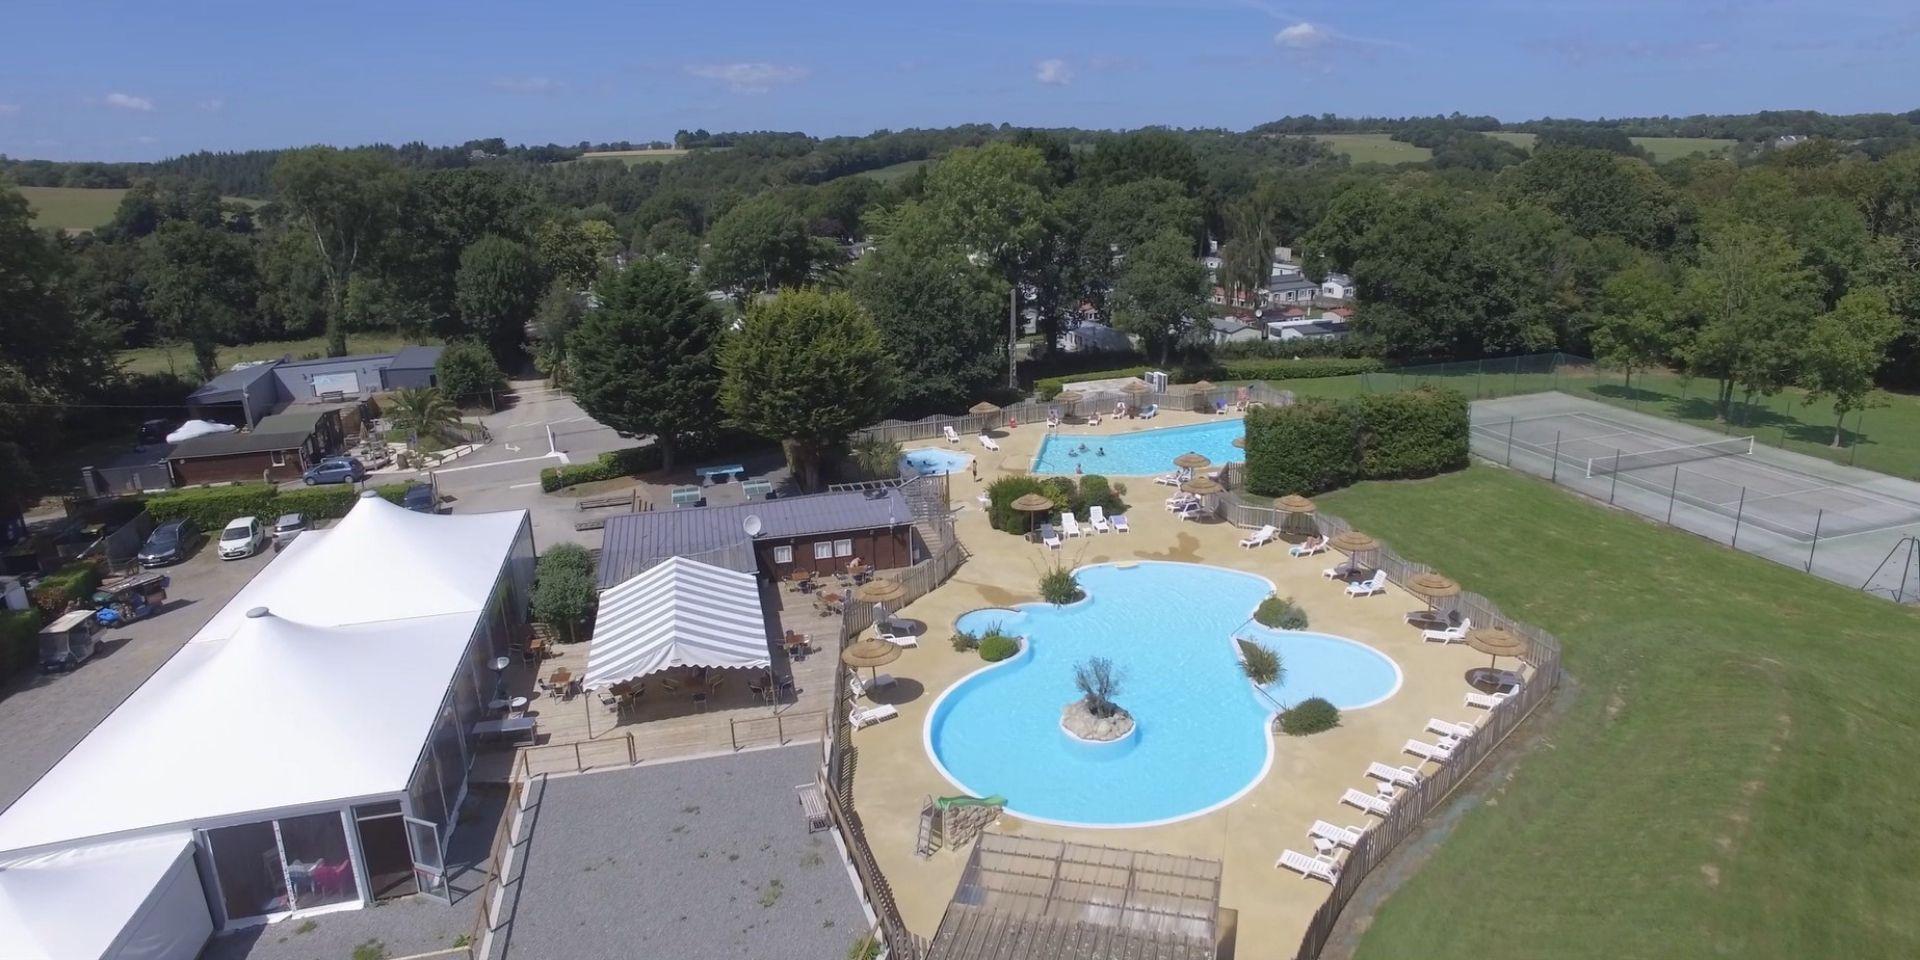 Vue aérienne de la piscine du camping à clohars carnoet